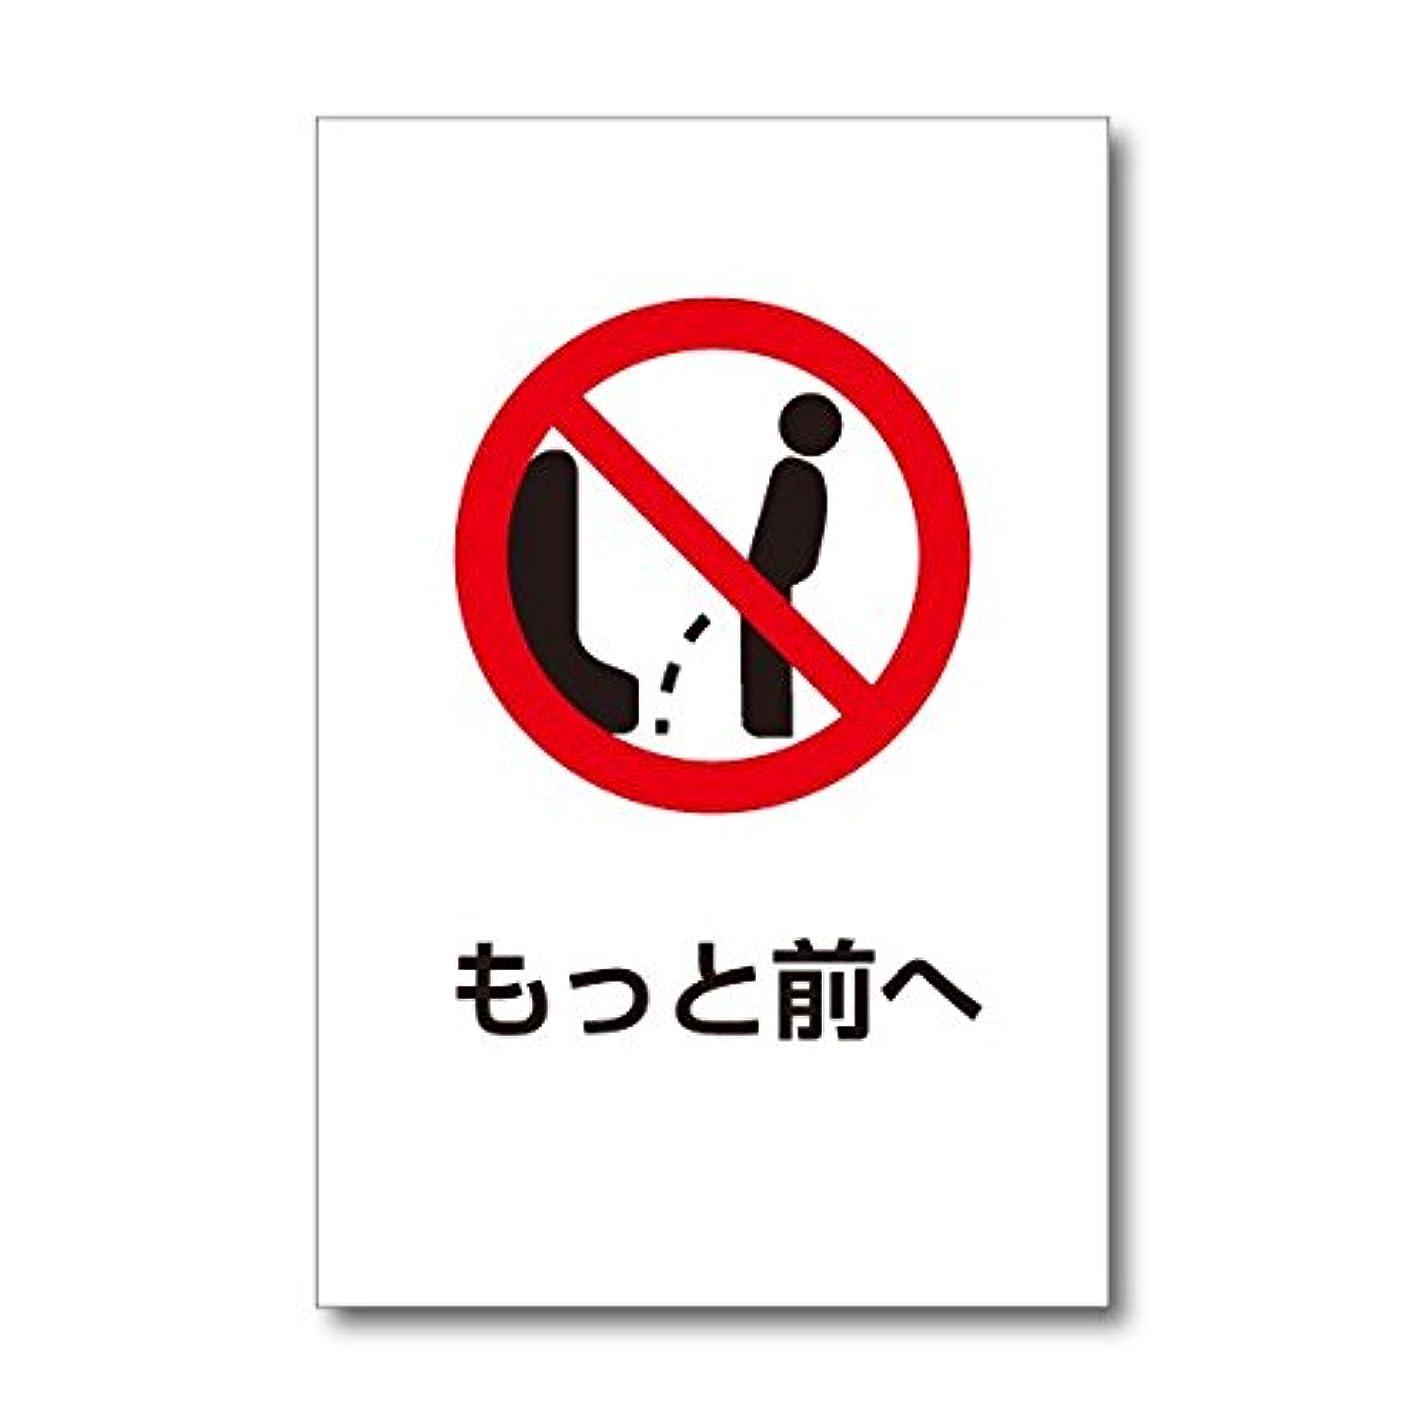 やがて繊細かみそりもっと前へ プレート トイレの注意標識 20×30cm 塩ビ板 WE-W011